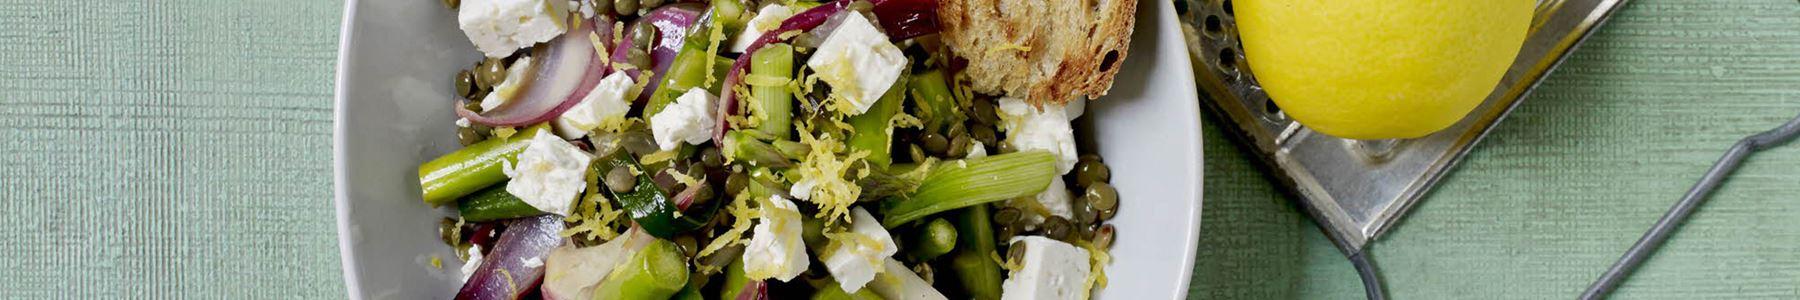 Salater + Hvidløg + Vegetarisk madplan